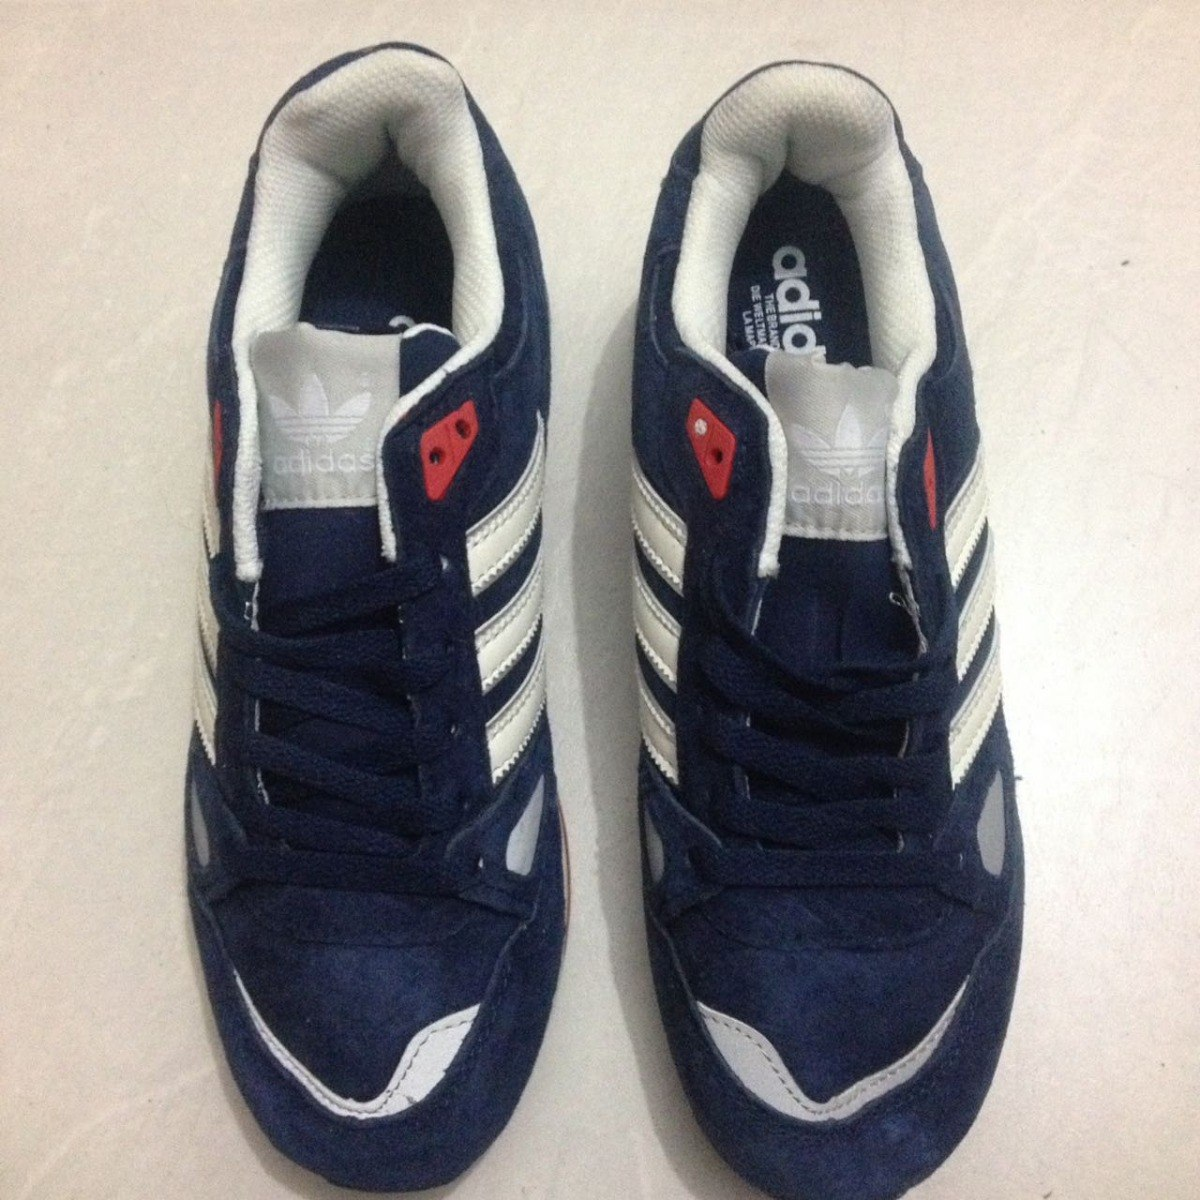 zapatillas adidas zx 750 hombre